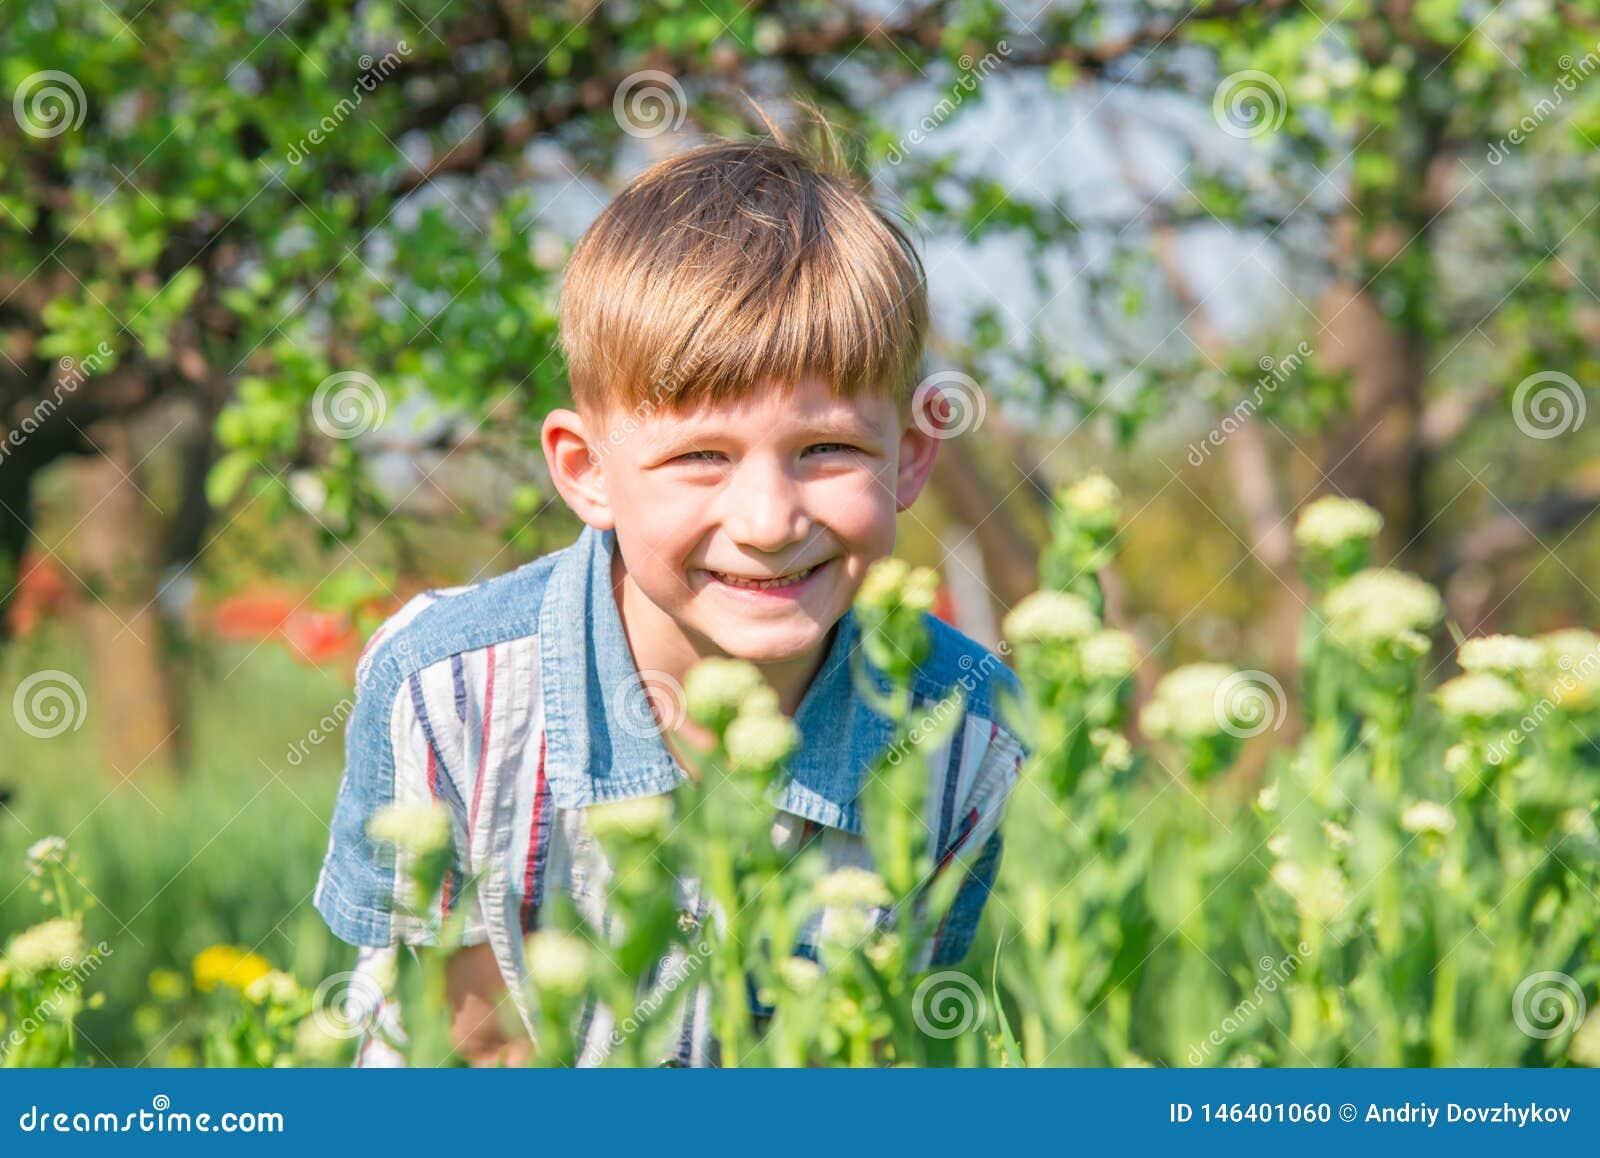 Chłopiec ono uśmiecha się i śmia się pod wiosny słońcem na tle krzaki i drzewa